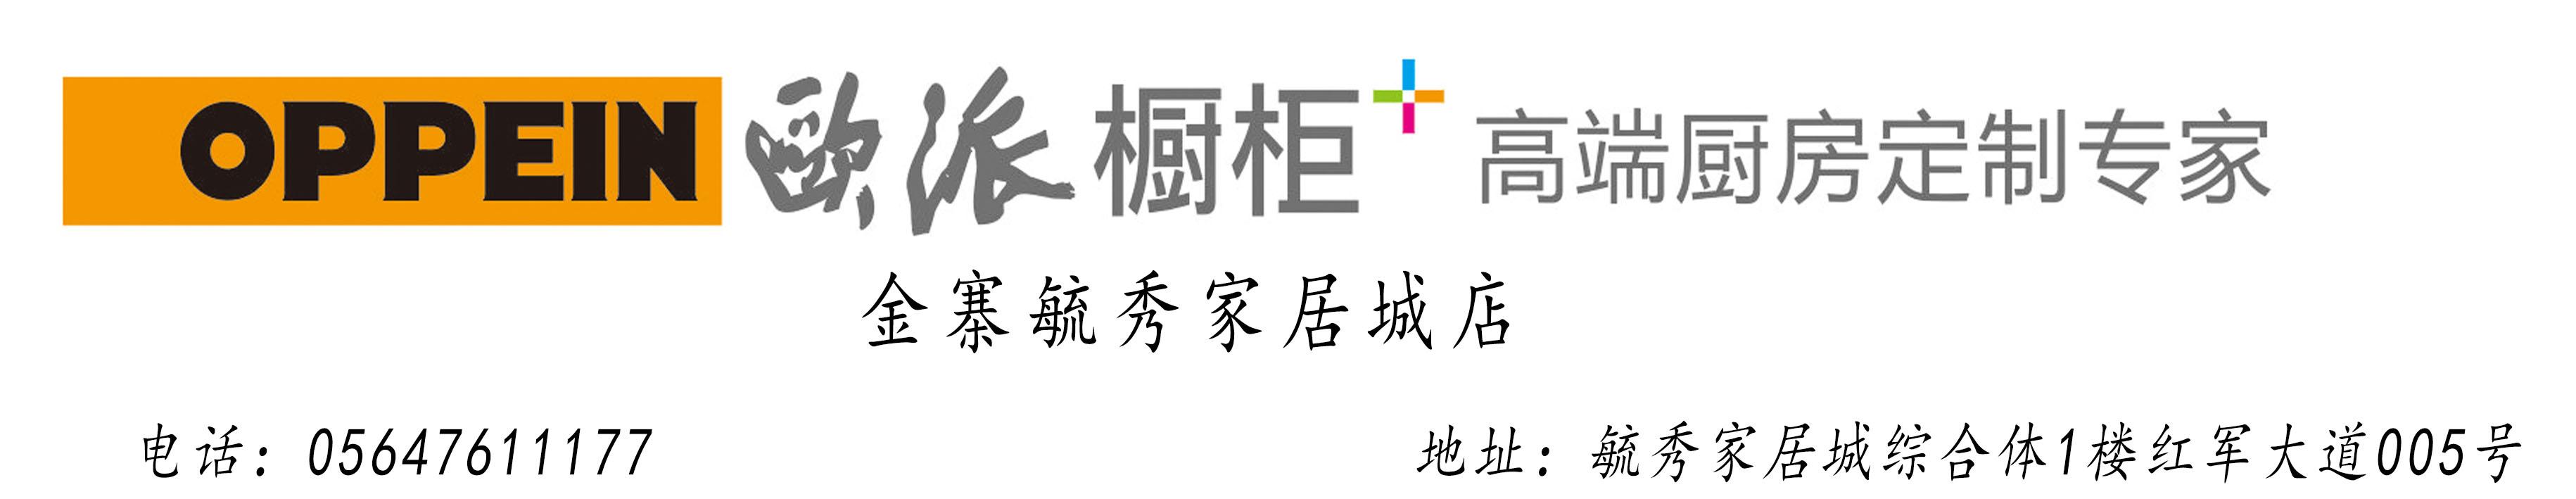 澳门威尼斯人赌场开户县锦逸整体橱柜经营部(欧派橱柜)